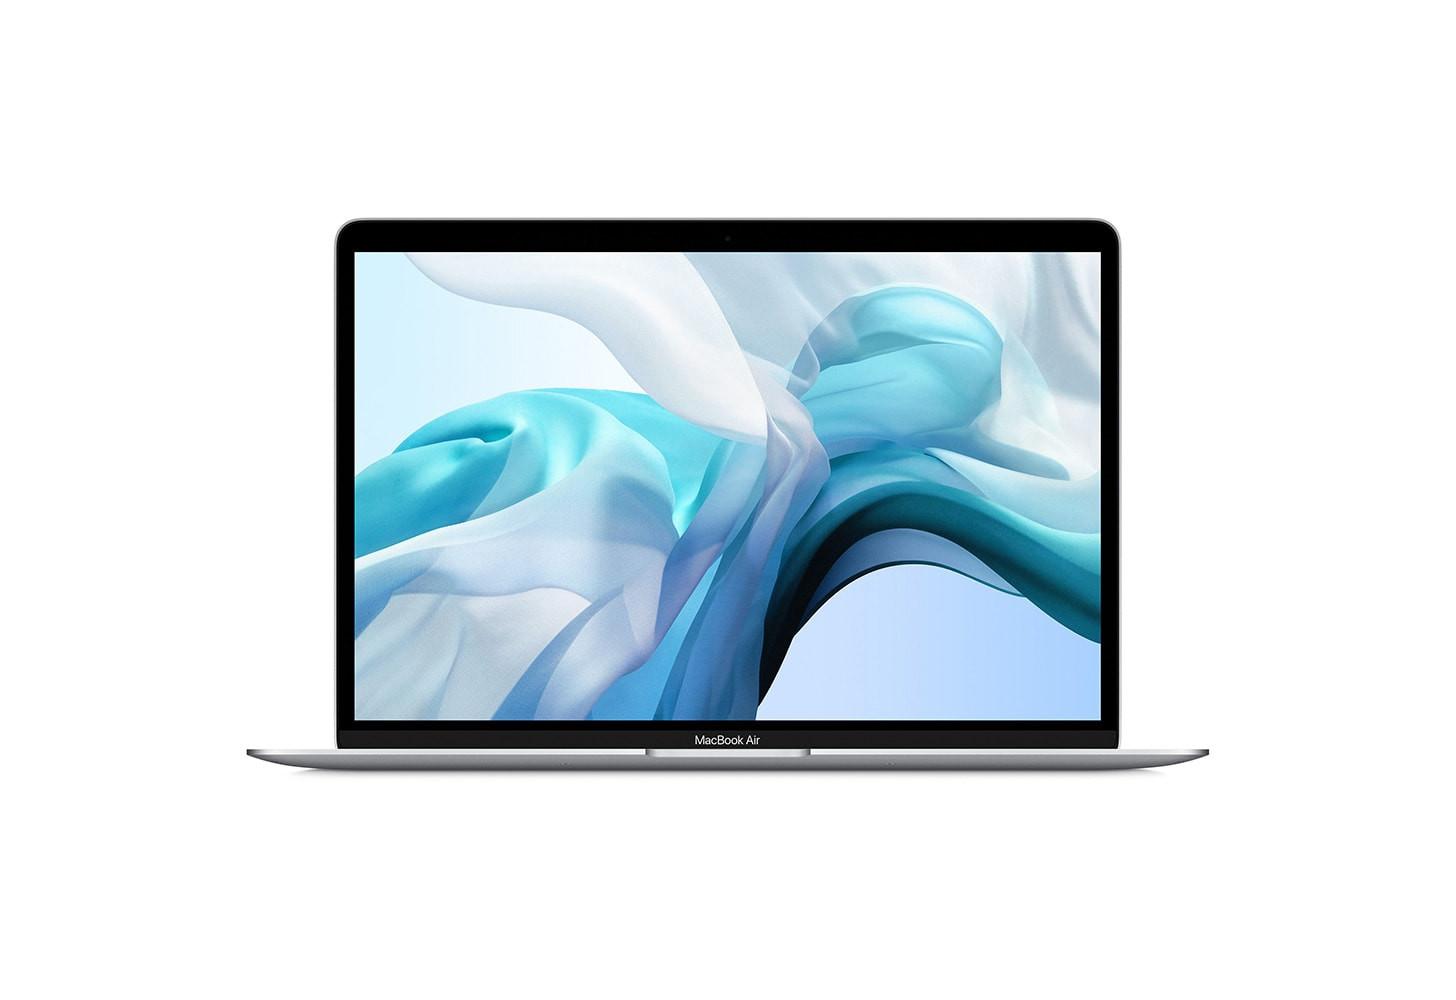 macbookair-silver-1.jpg